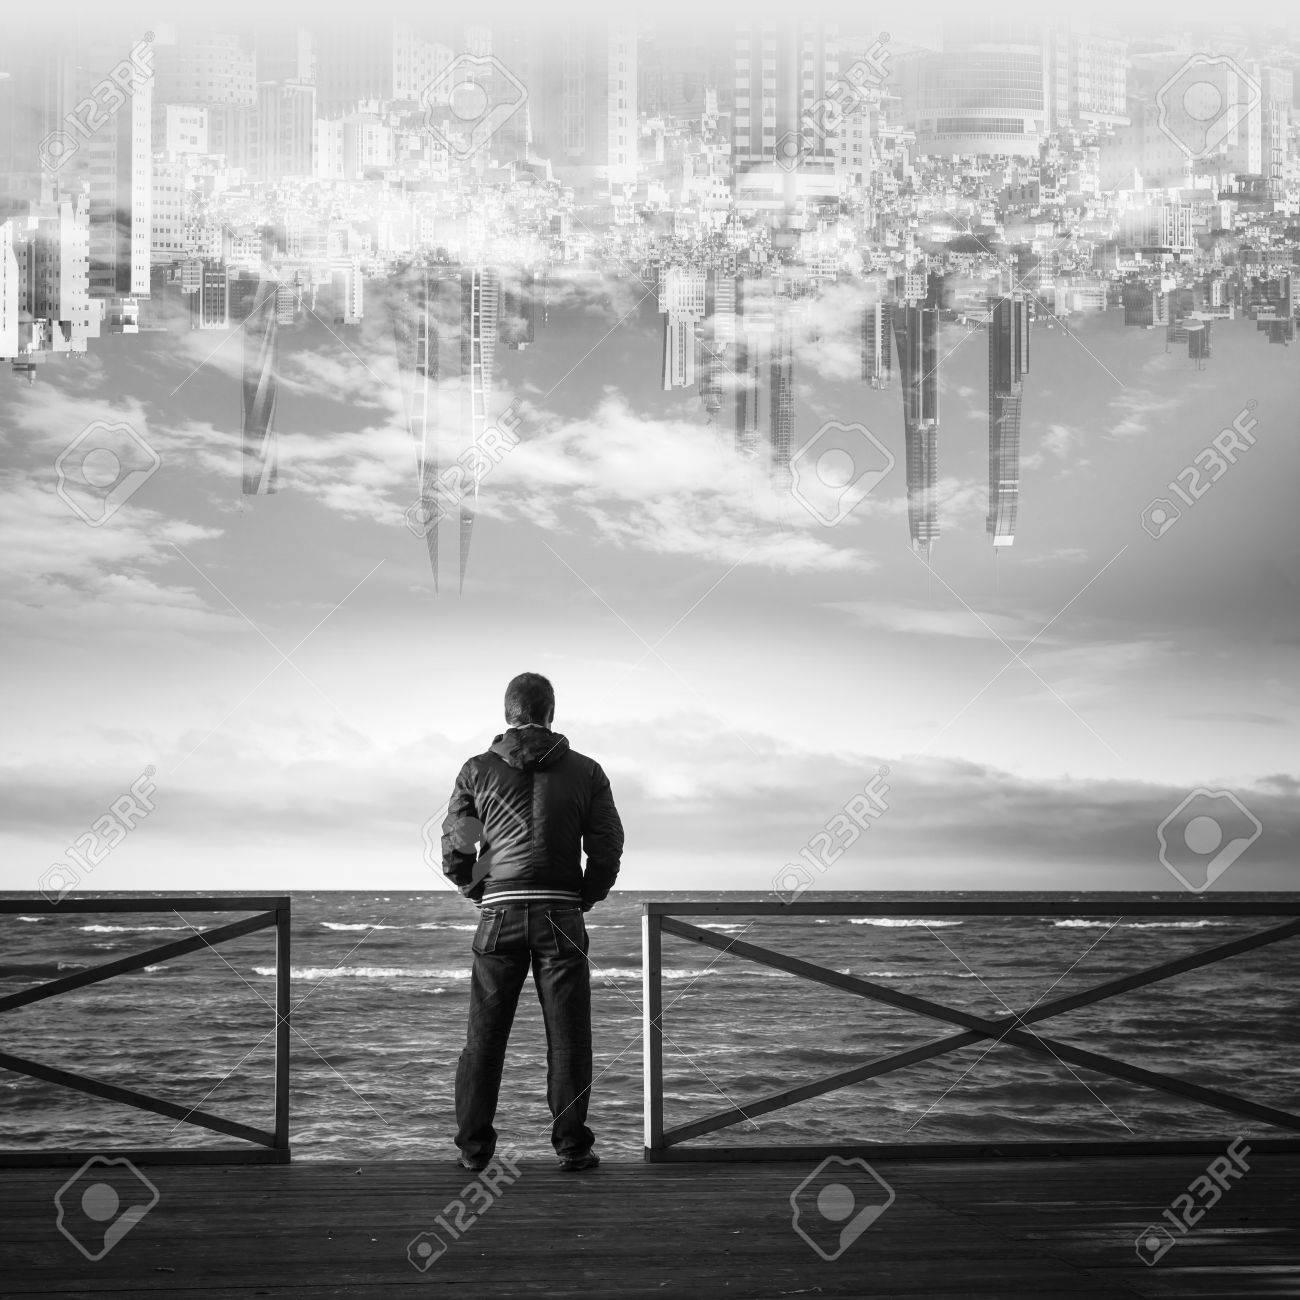 Immagini Stock Il Giovane Protagonista Sul Mare Con La Città Nel